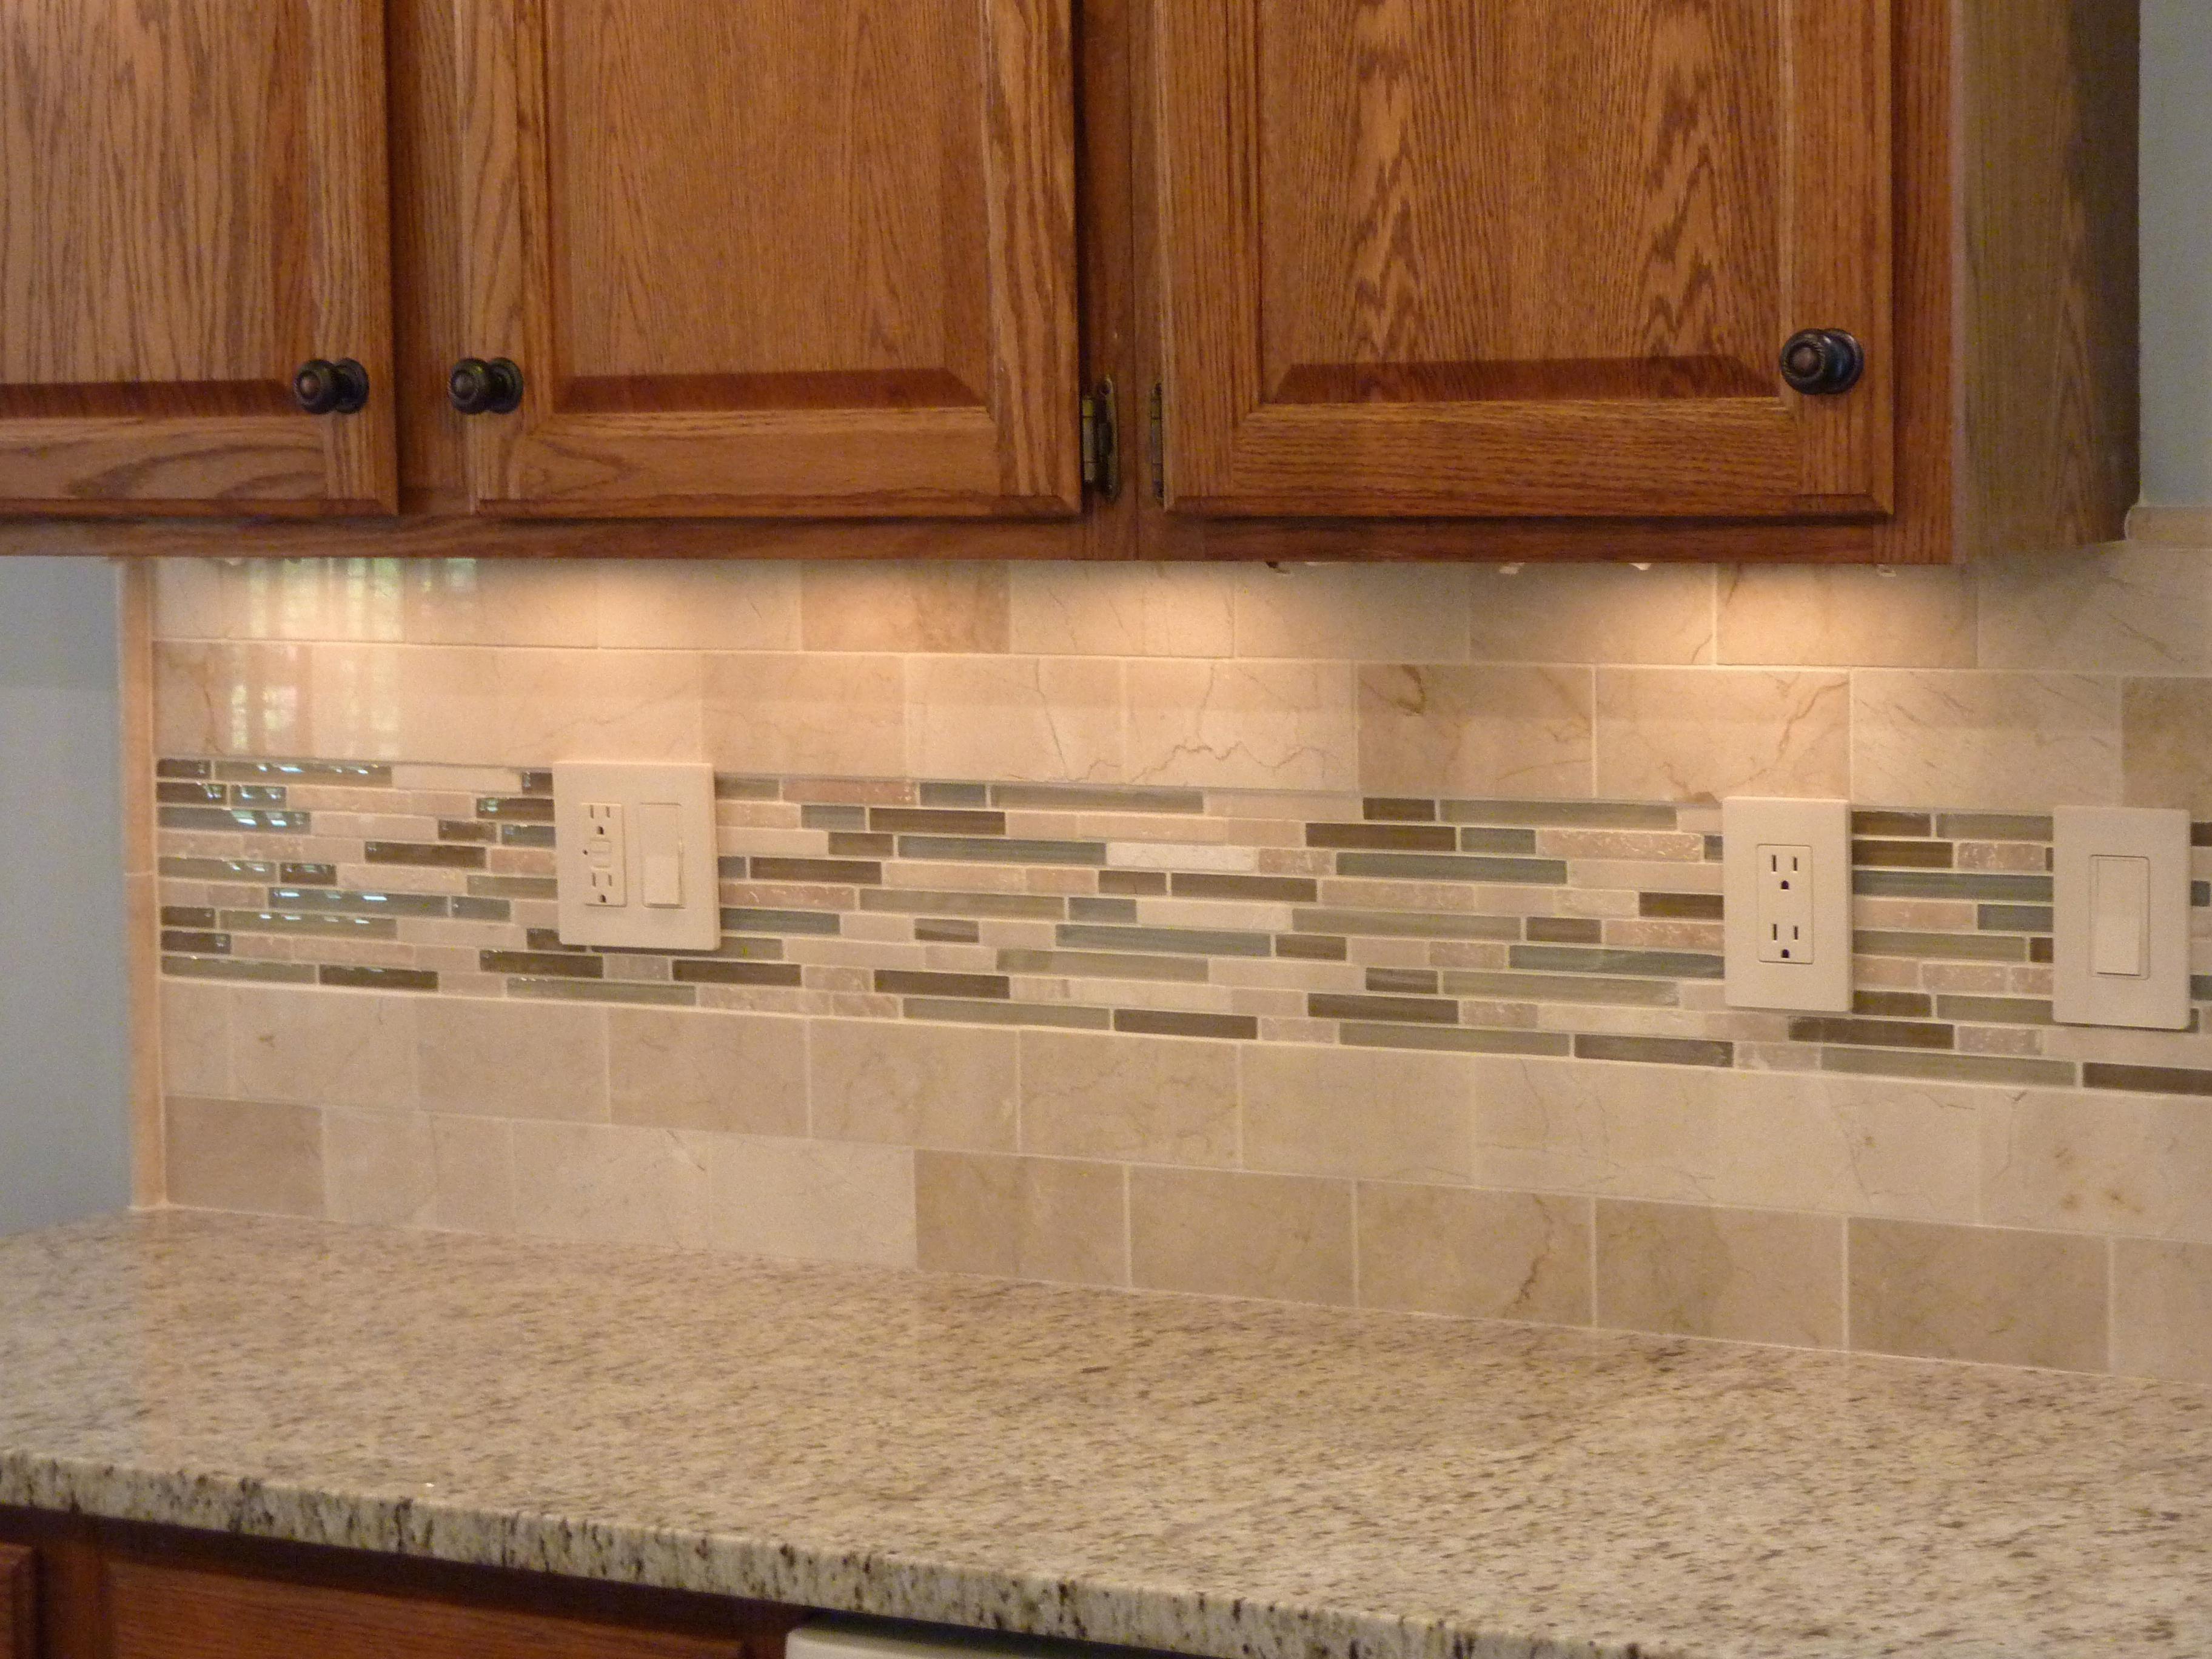 Fliesen Backsplash Fur Die Kuche Mit Granit Arbeitsplatten Kuche Coole Moderne Ste Kitchen Backsplash Tile Designs Glass Tile Backsplash Kitchen Beige Kitchen